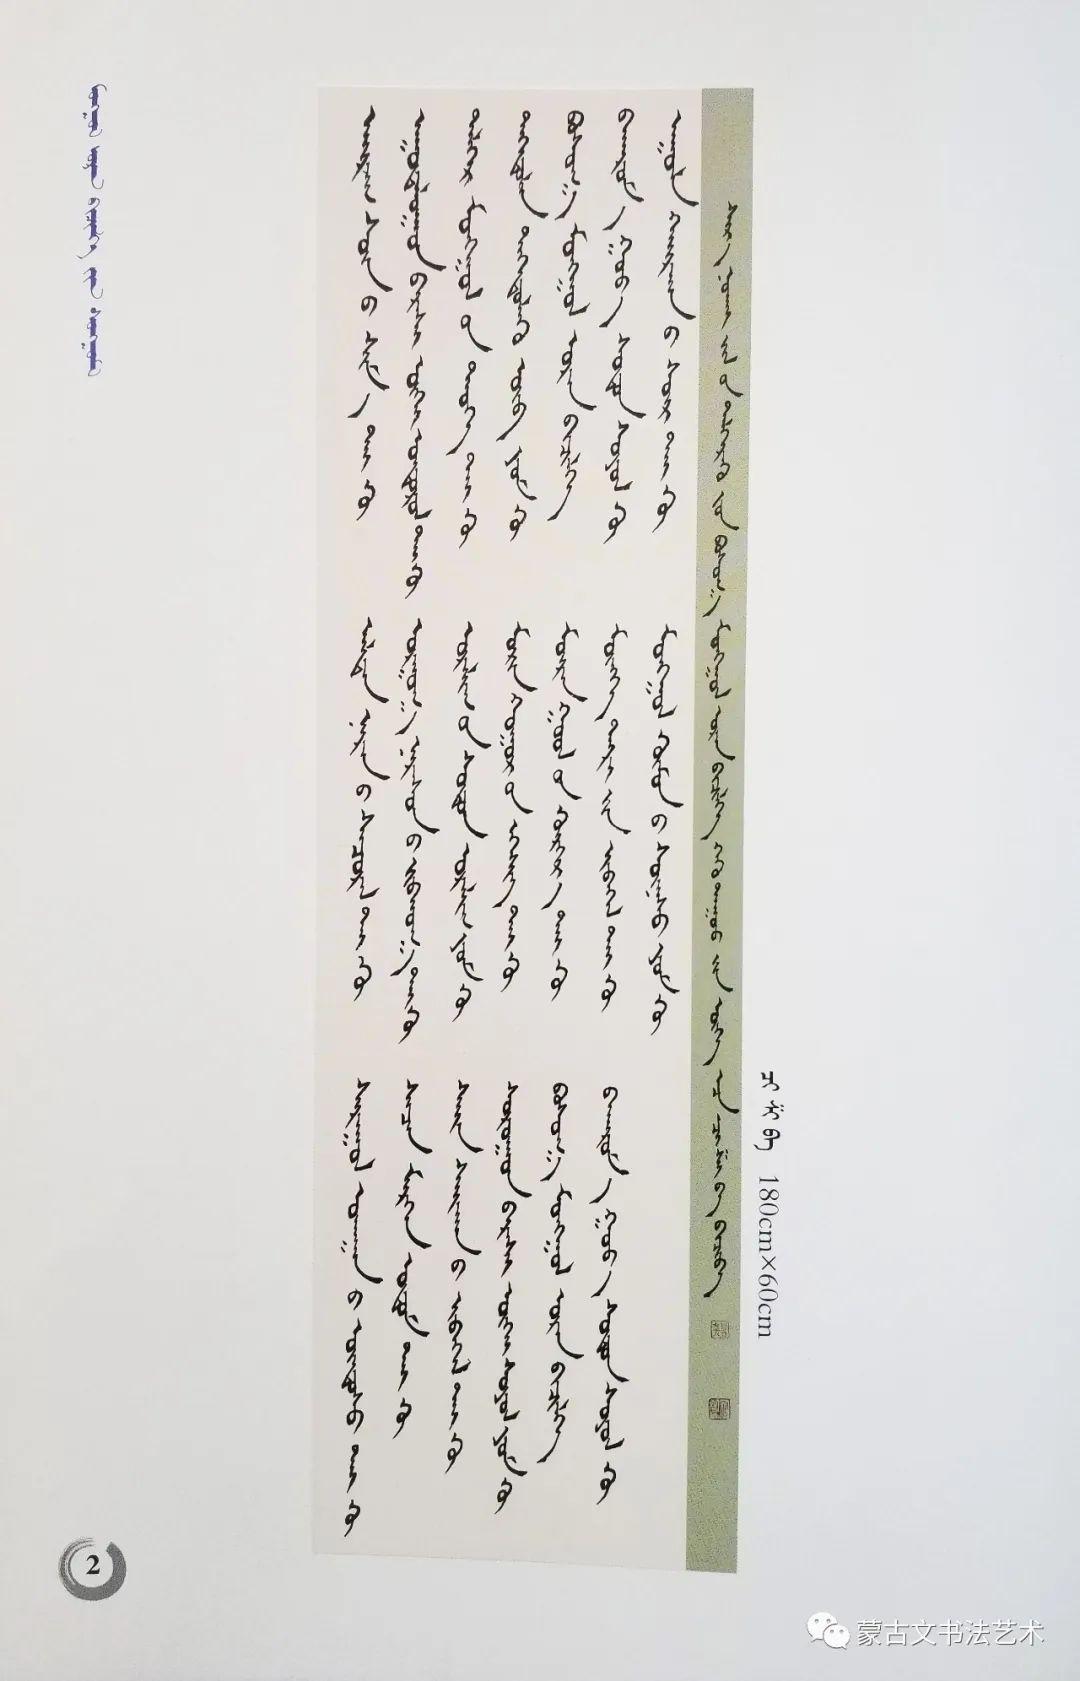 蒙古文书法作品集 第7张 蒙古文书法作品集 蒙古书法